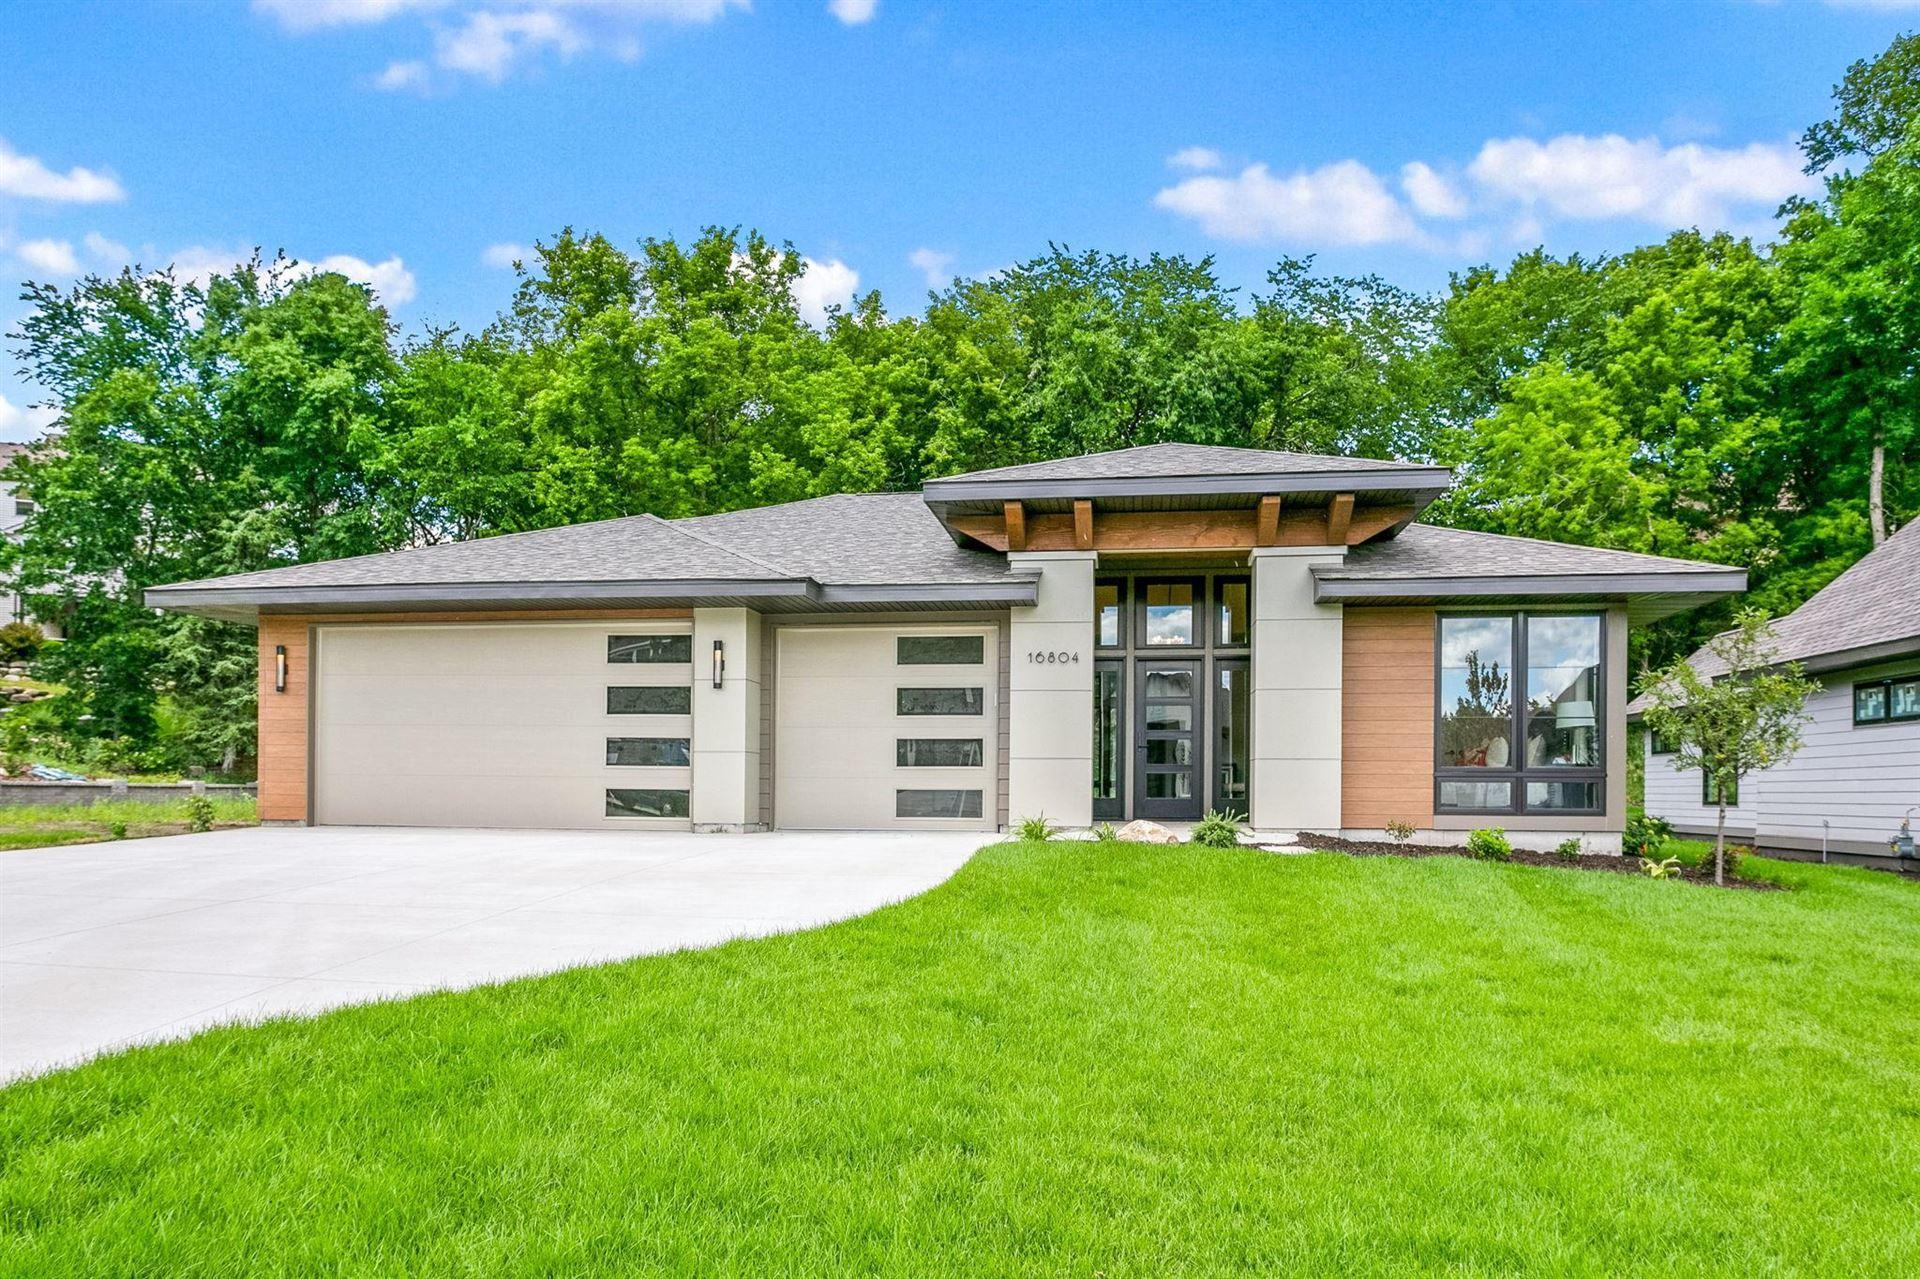 16804 Stirrup Lane, Eden Prairie, MN 55347 - #: 5658072